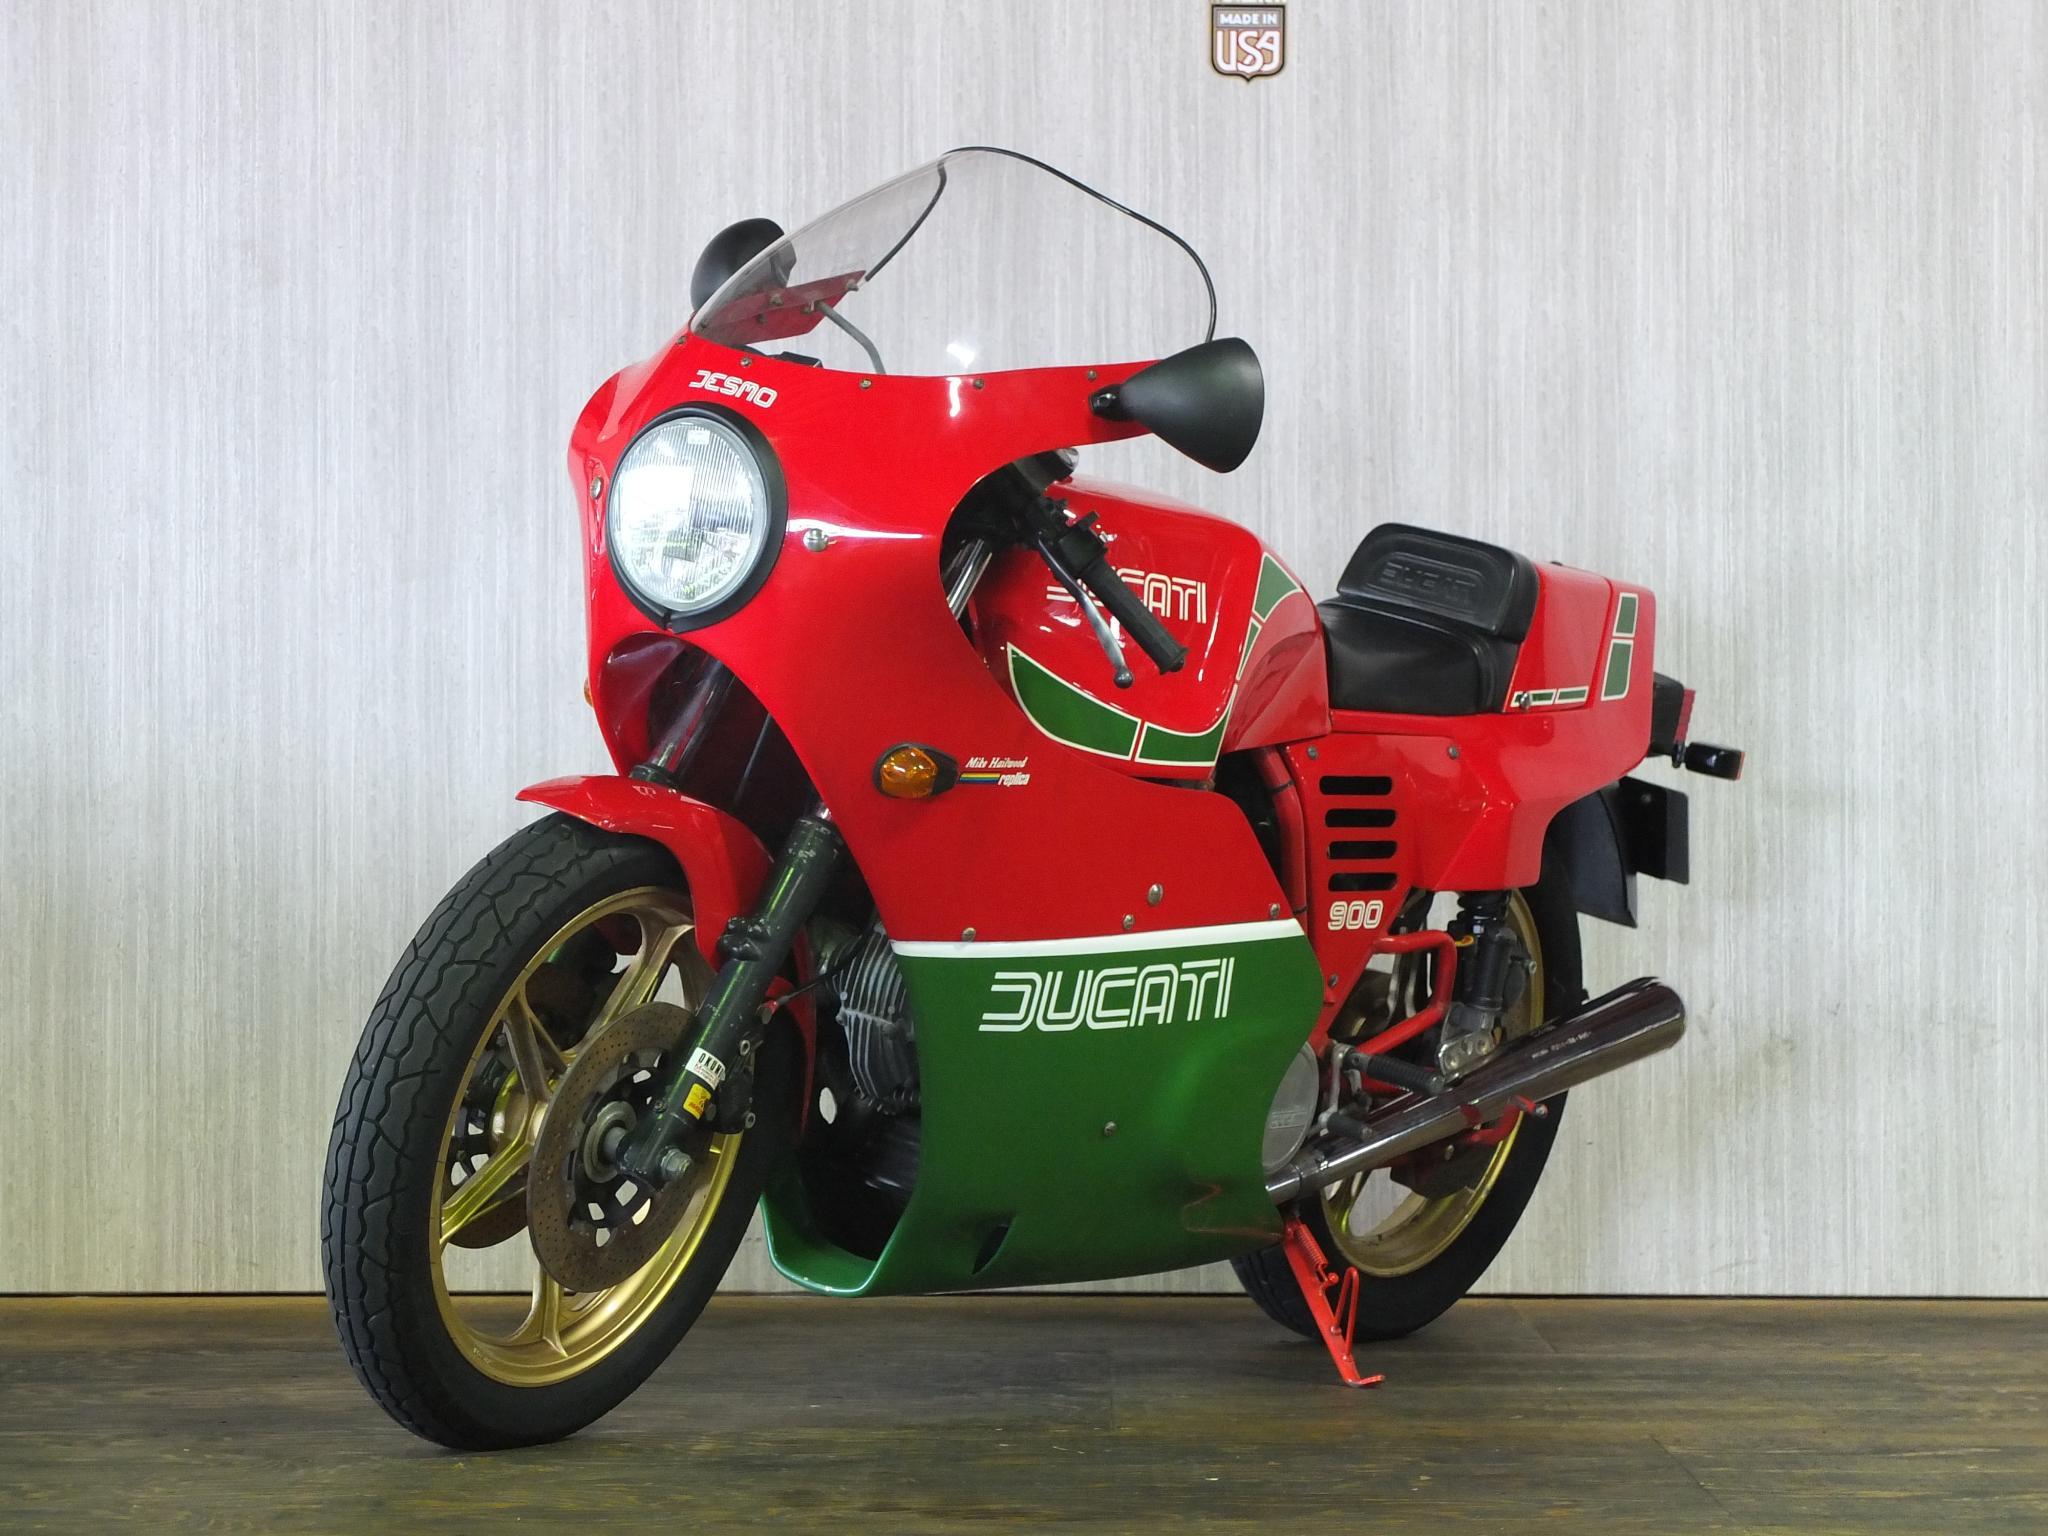 ドゥカティ 1983 Ducati MHR 900 R1 車体写真5